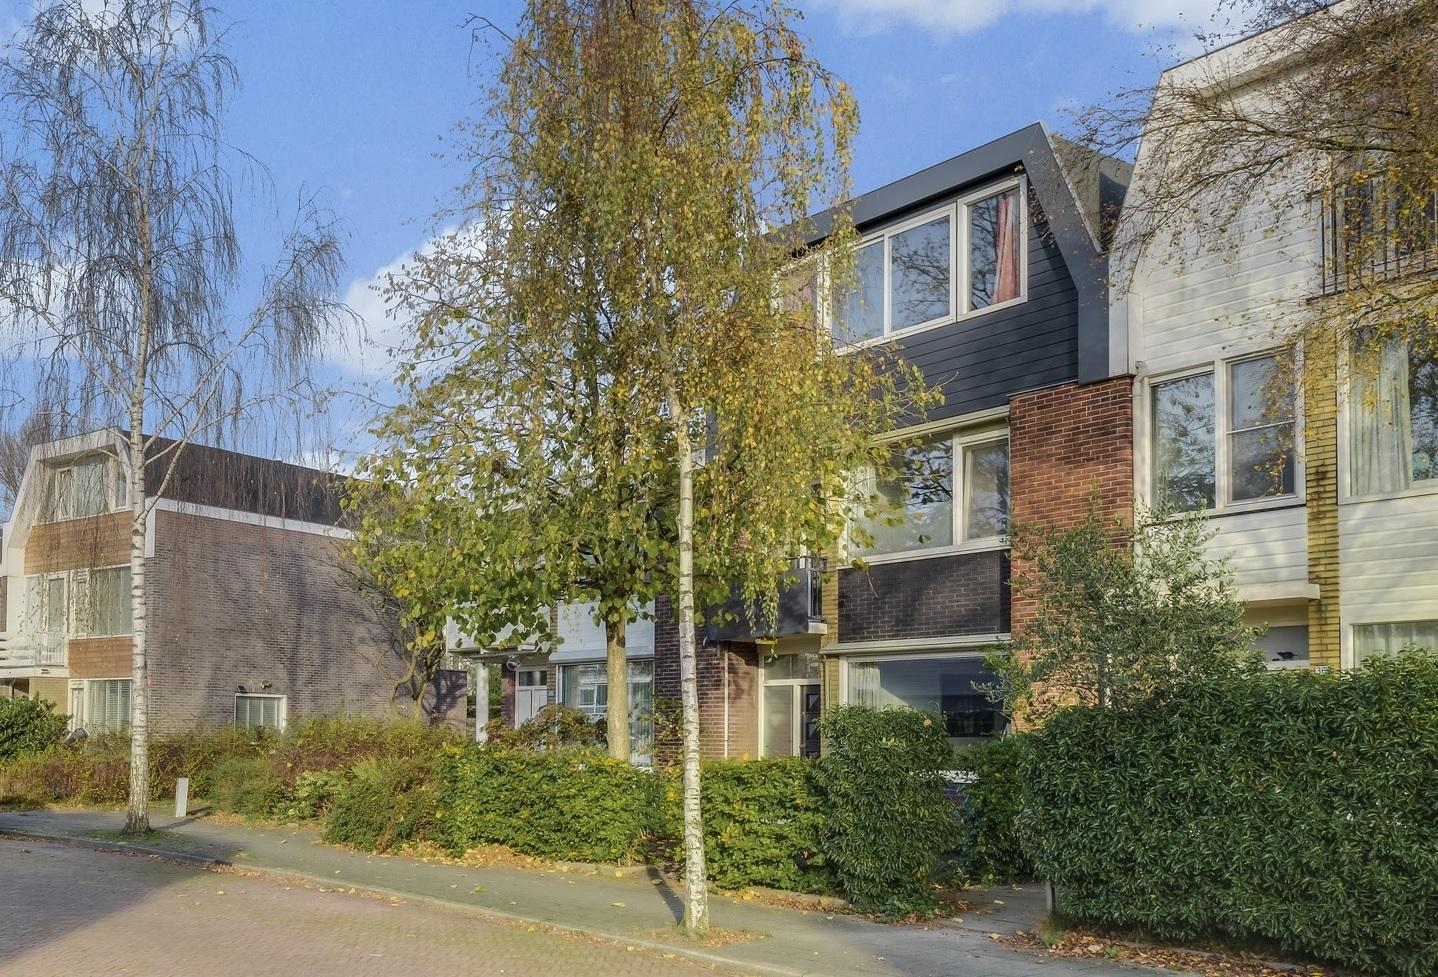 Lunshof makelaars Amstelveen en Amsterdam - Burgemeester Haspelslaan 366  Amstelveen